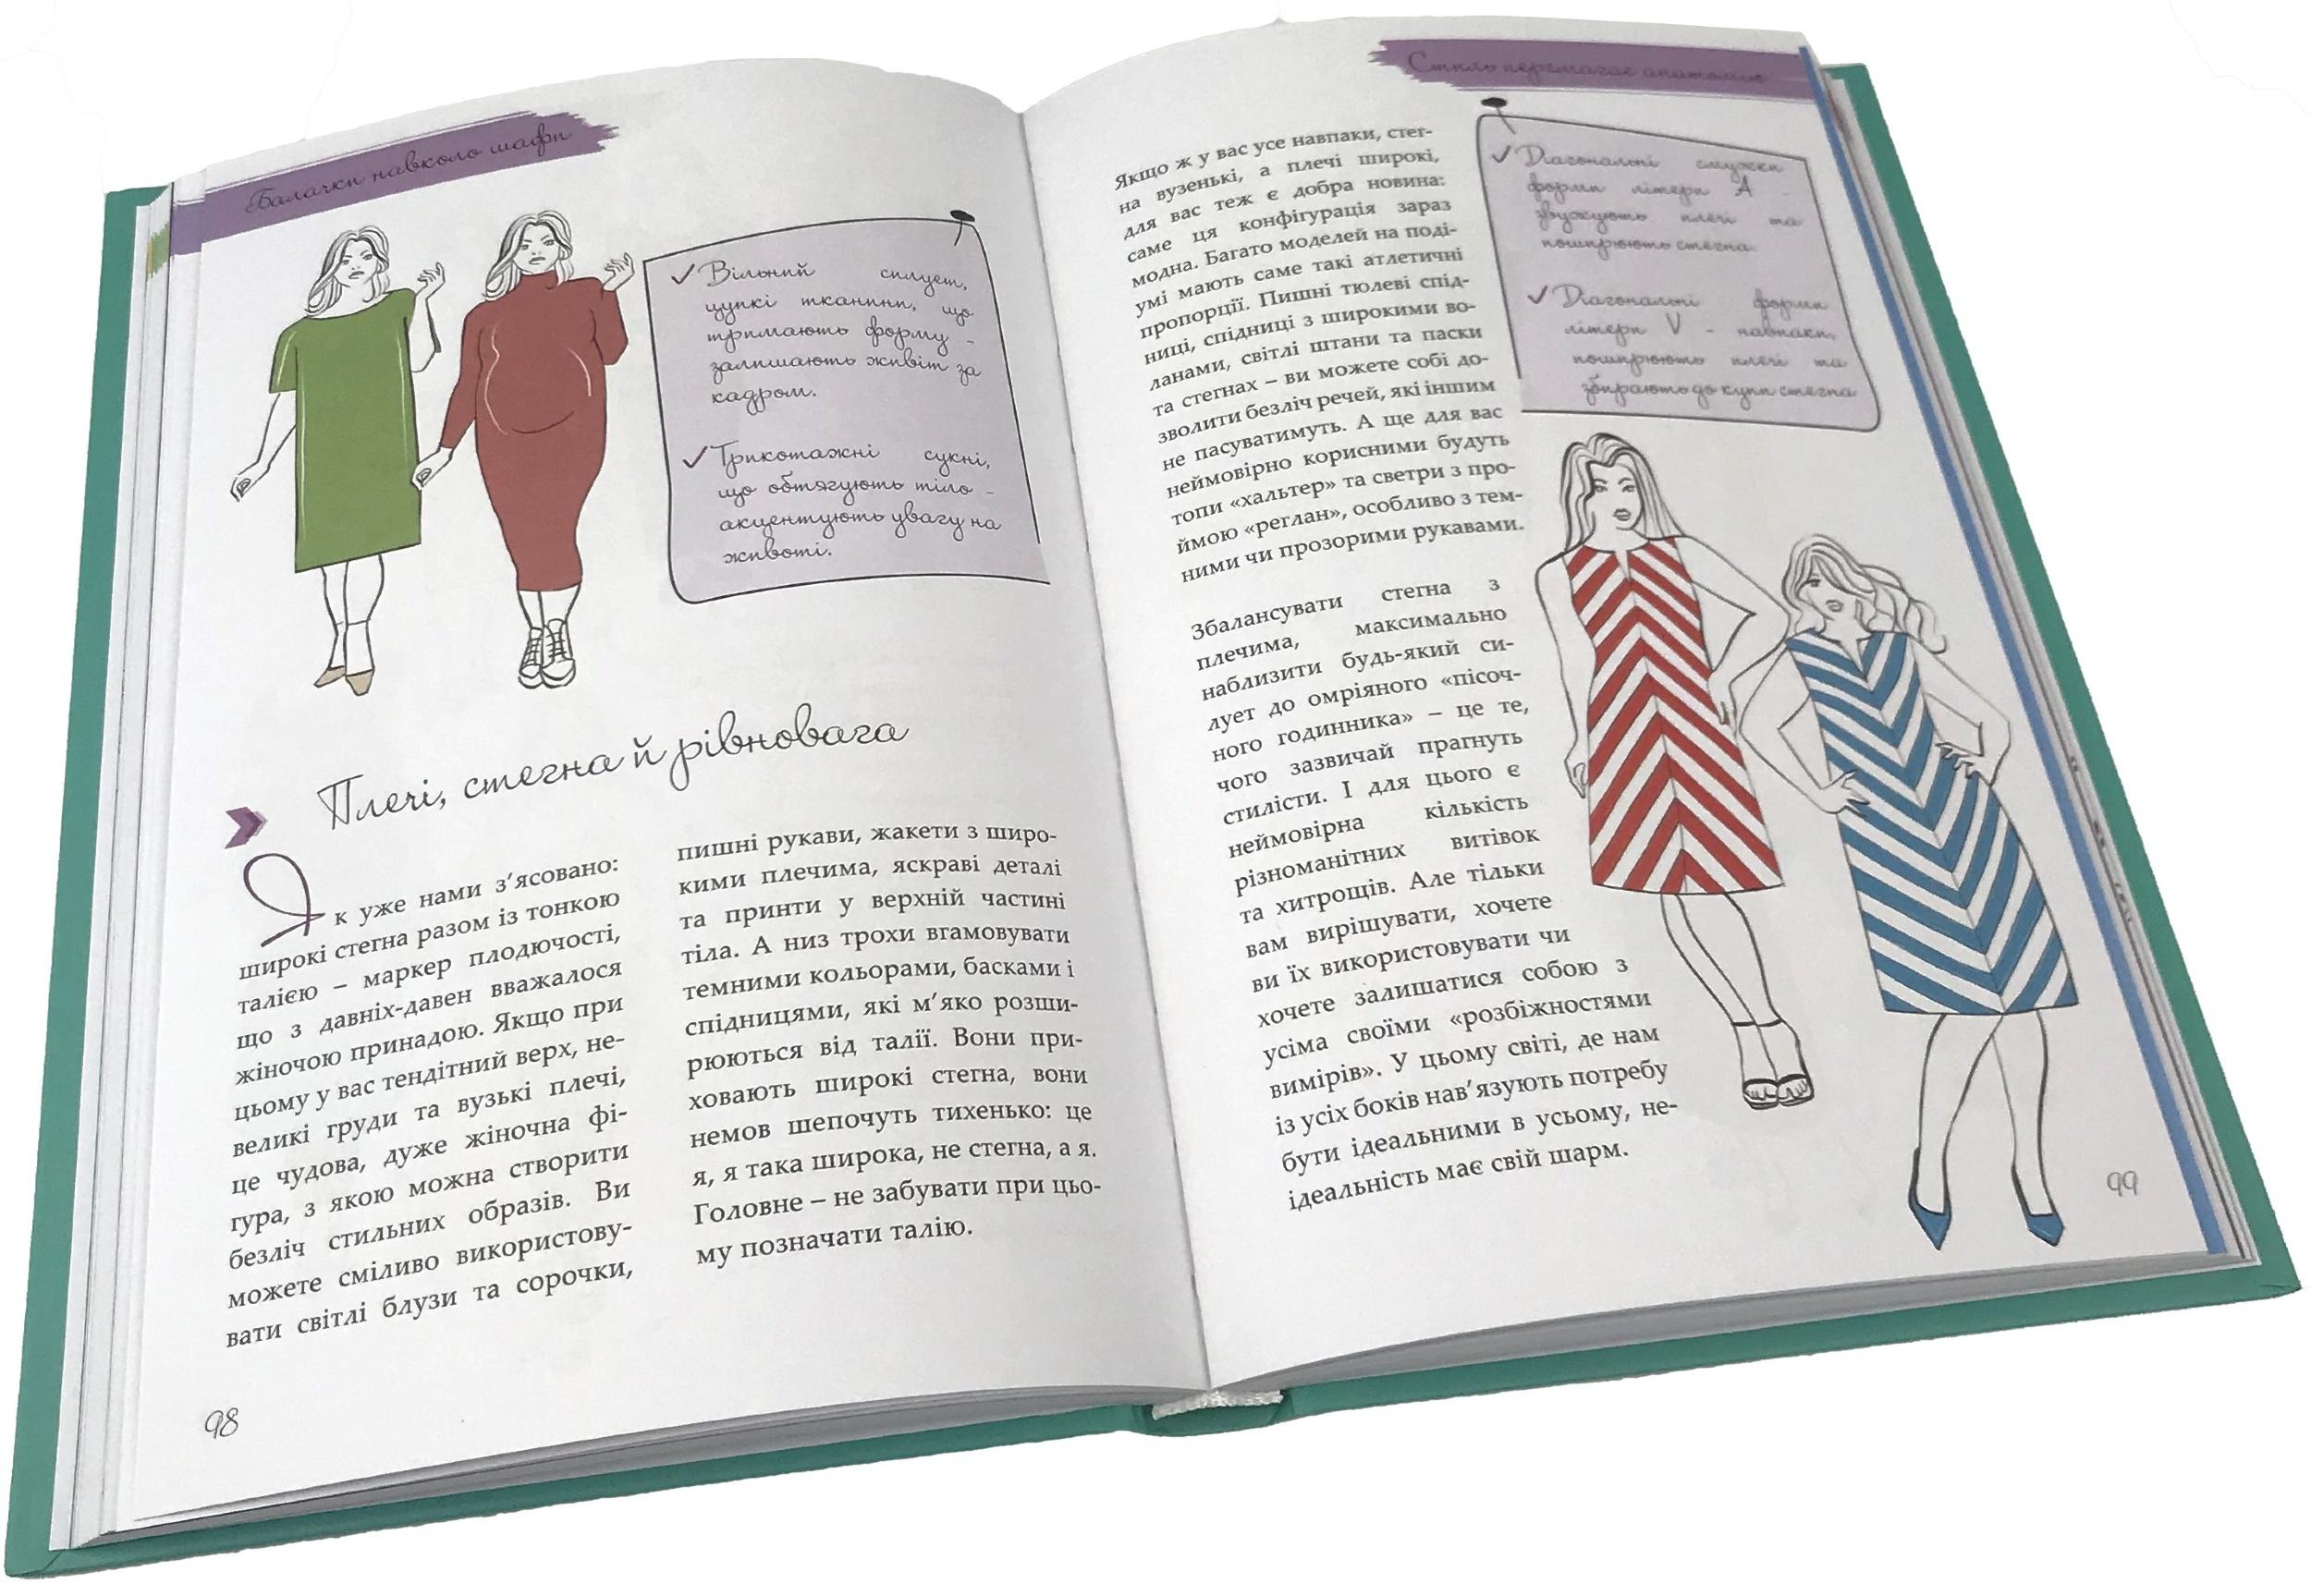 Балачки навколо шафи. Доступно та просто про моду і стиль. Автор — Тульчинська Майя. Переплет —